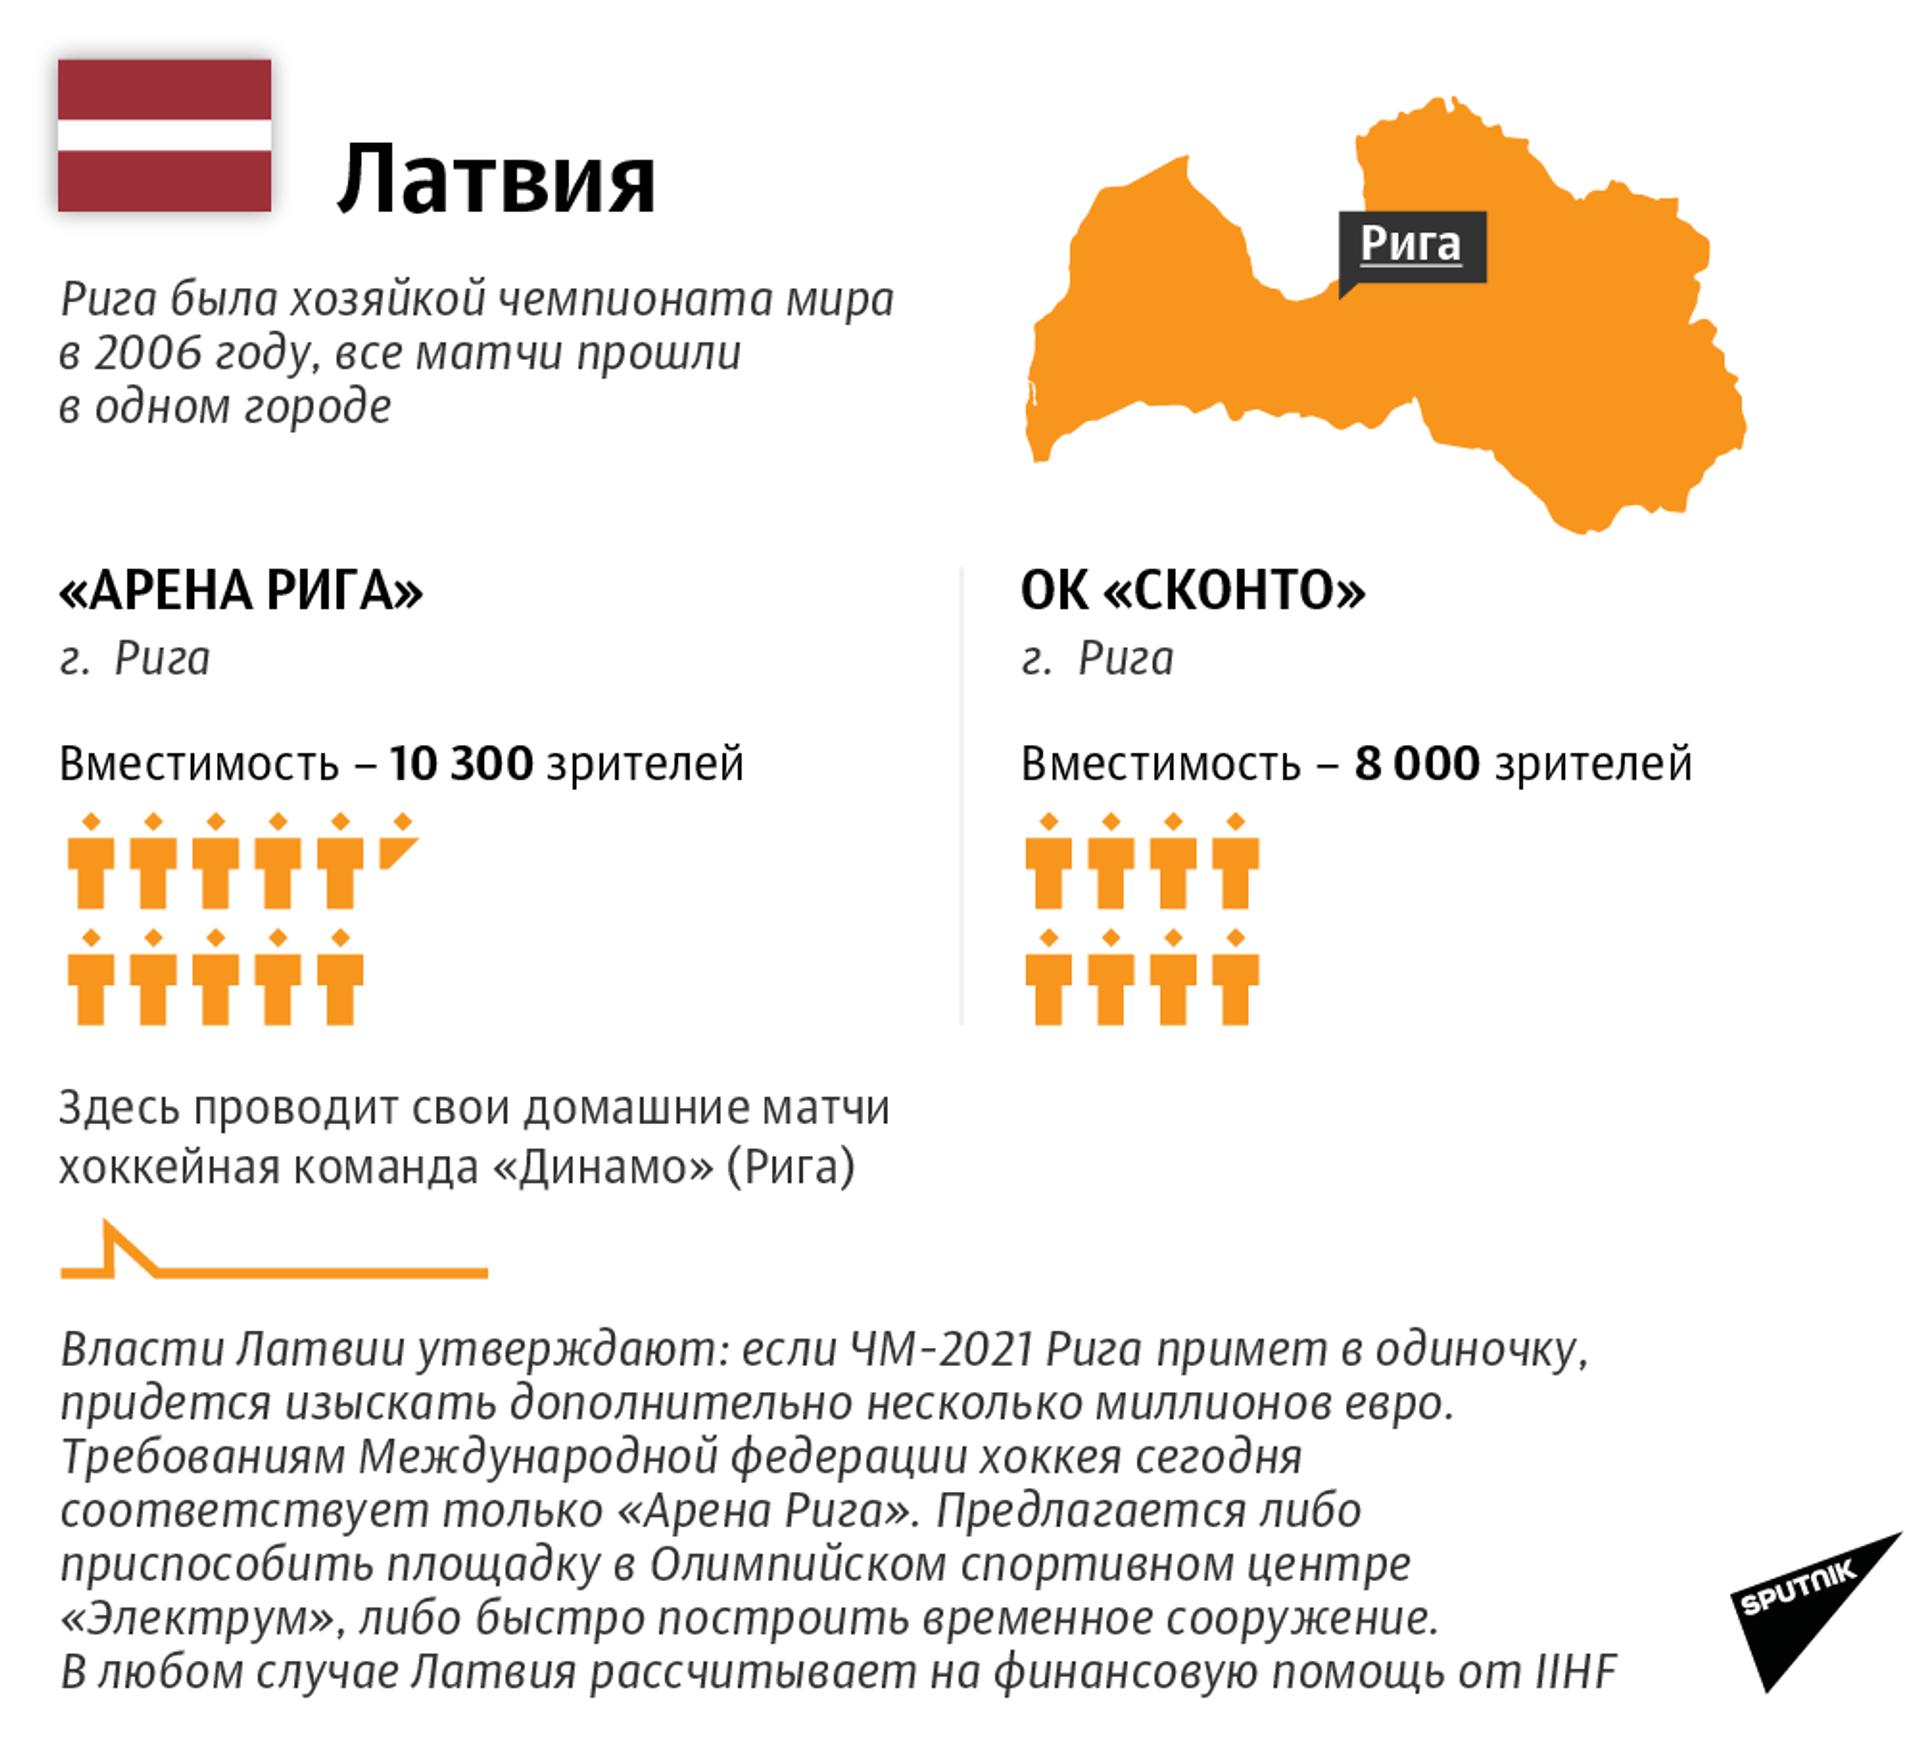 IIHF рассказала, где и как пройдет чемпионат мира по хоккею - Sputnik Беларусь, 1920, 01.02.2021